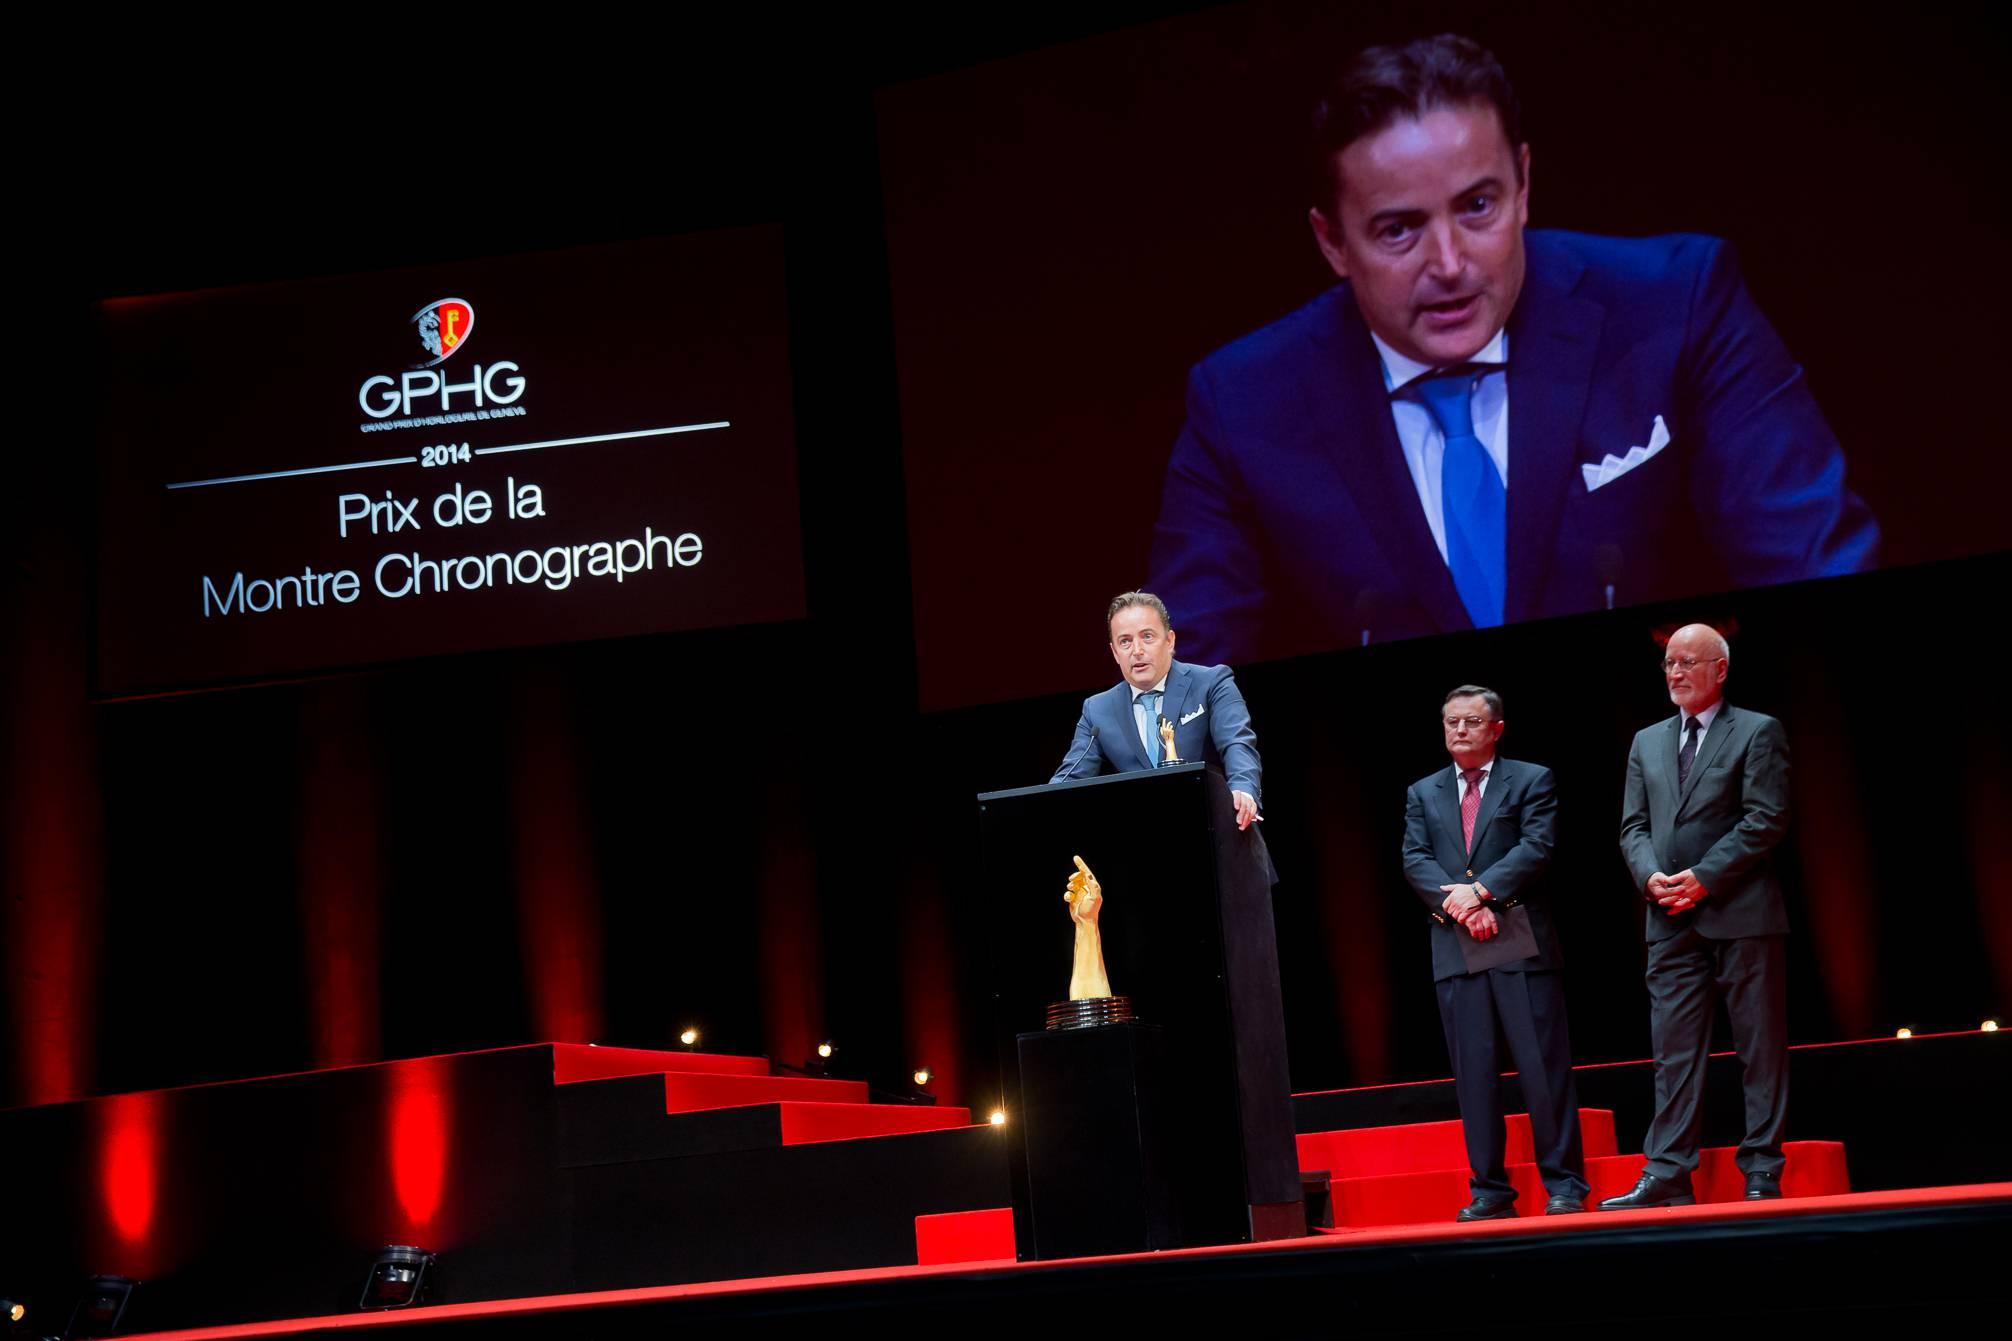 Pierre Jacques (CEO de De Bethune, marque lauréate du Prix de la Montre Chronographe 2014), Moritz Elsaesser et Jean-Philippe Arm (membres du jury)